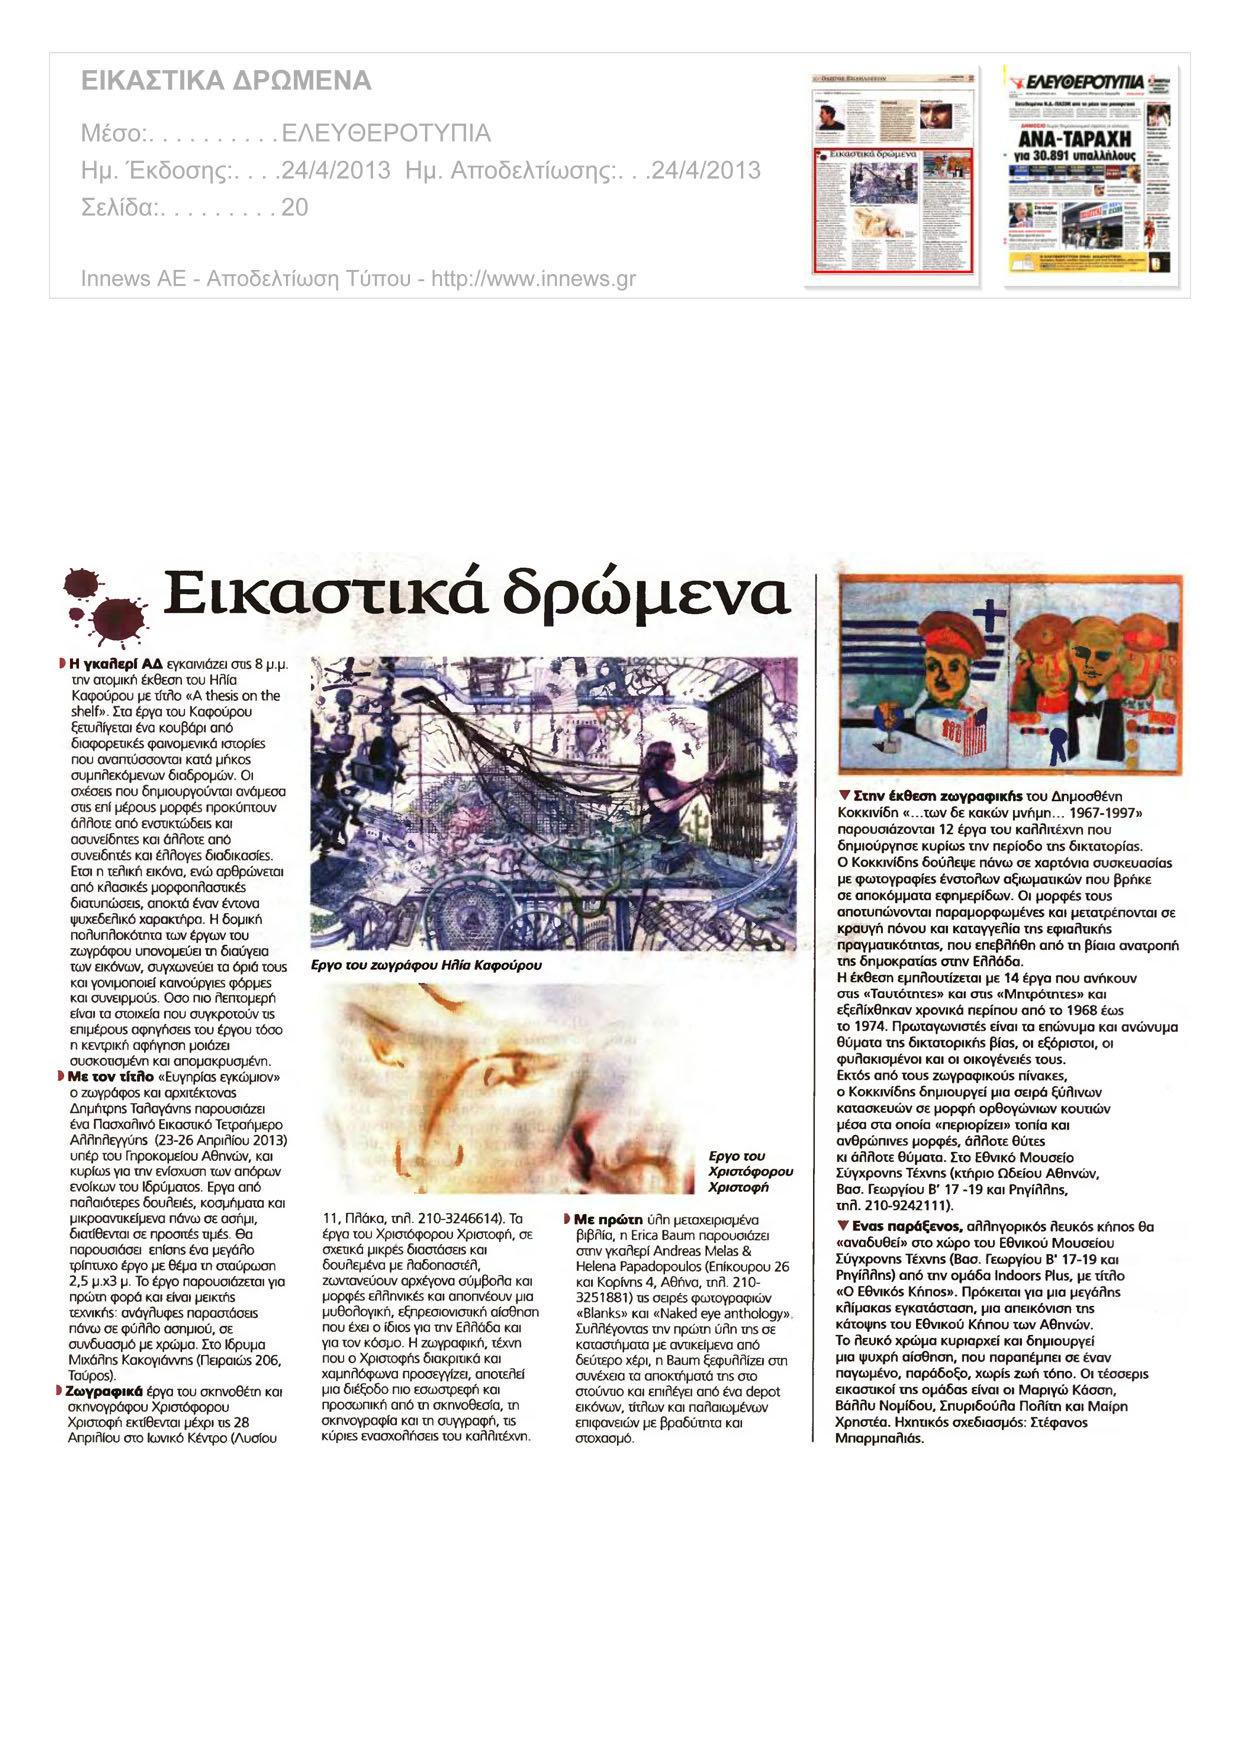 Ελευθεροτυπι_α 24-4-2013 copy.jpg